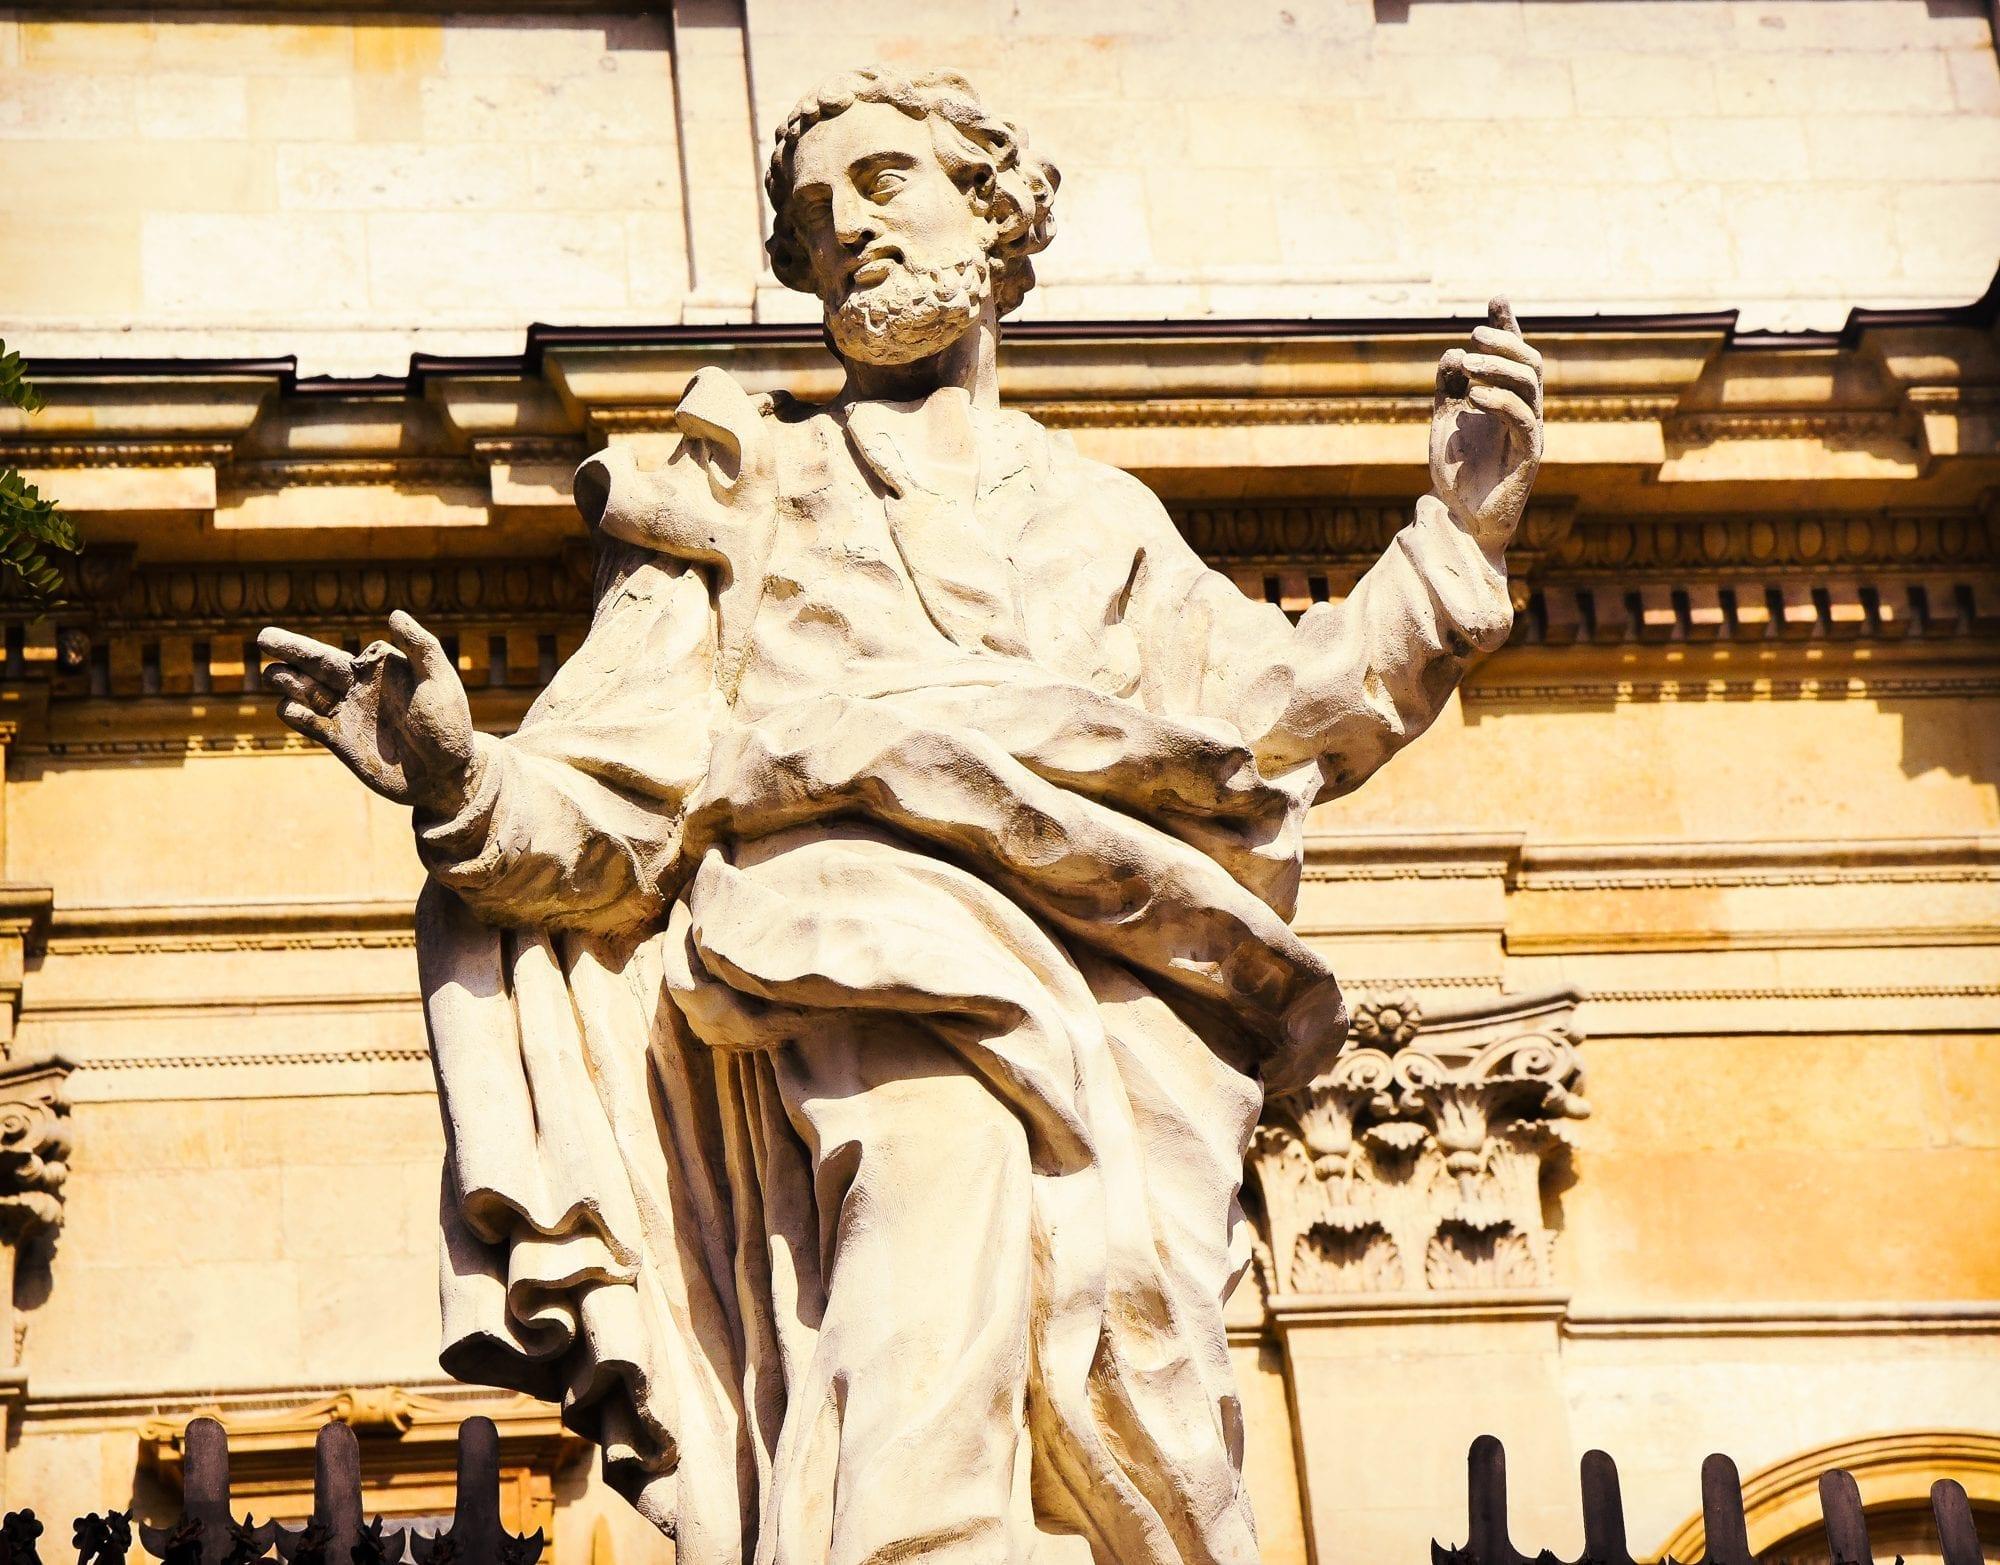 old statue in krakow